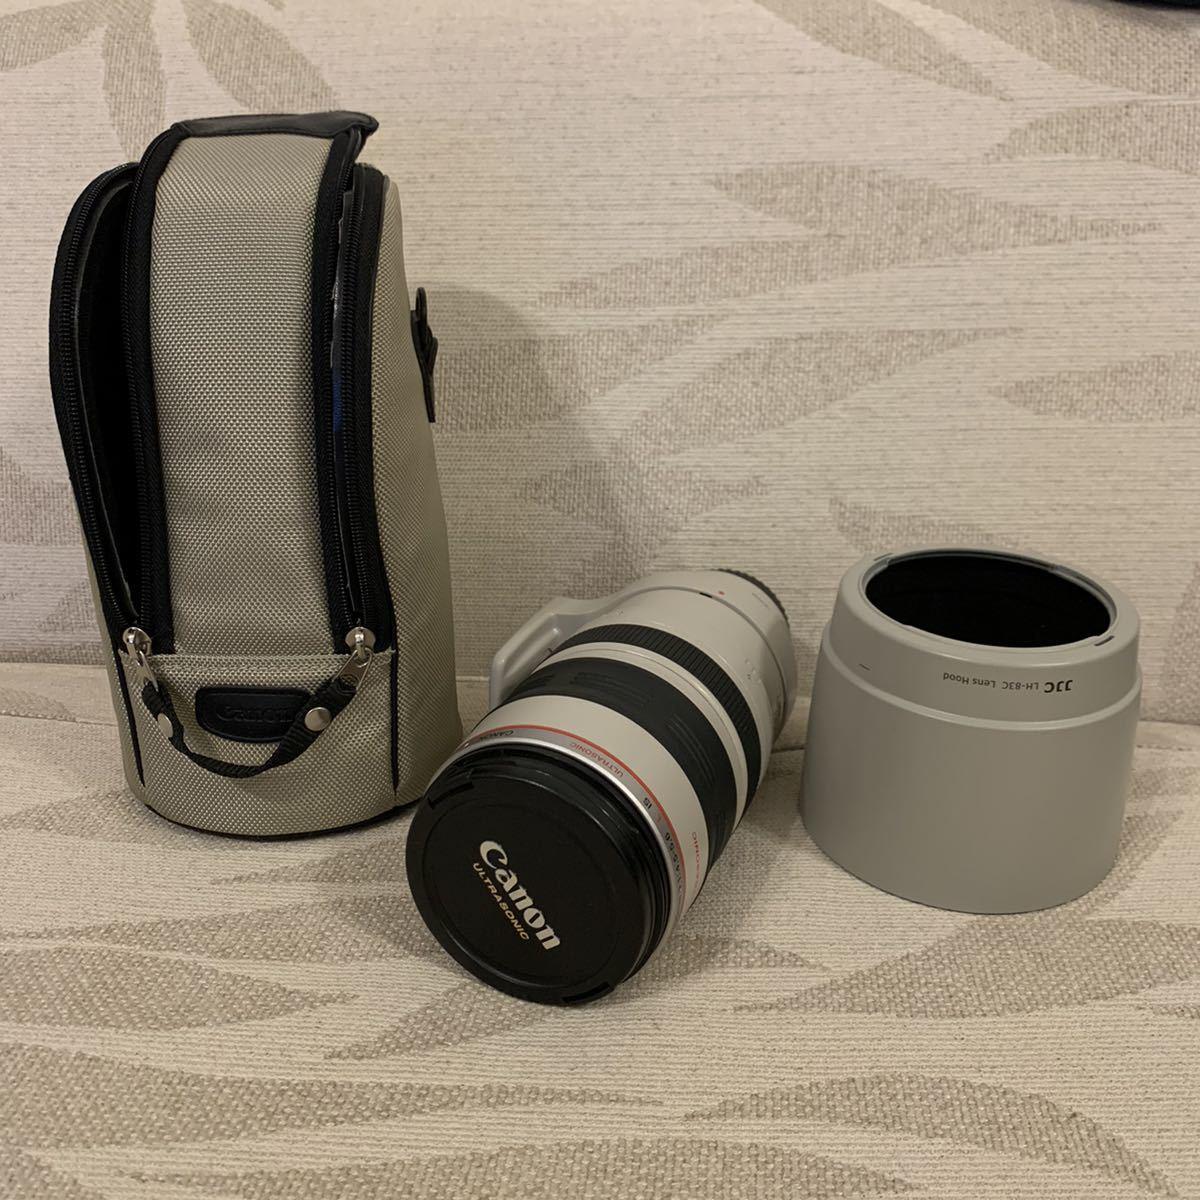 格安スタート!Canon キャノン ZOOM LENS EF 100-400㎜ 1:4.5-5.6 L IS USM ULTRASONIC IMAGE STABILIZER フード ケース付